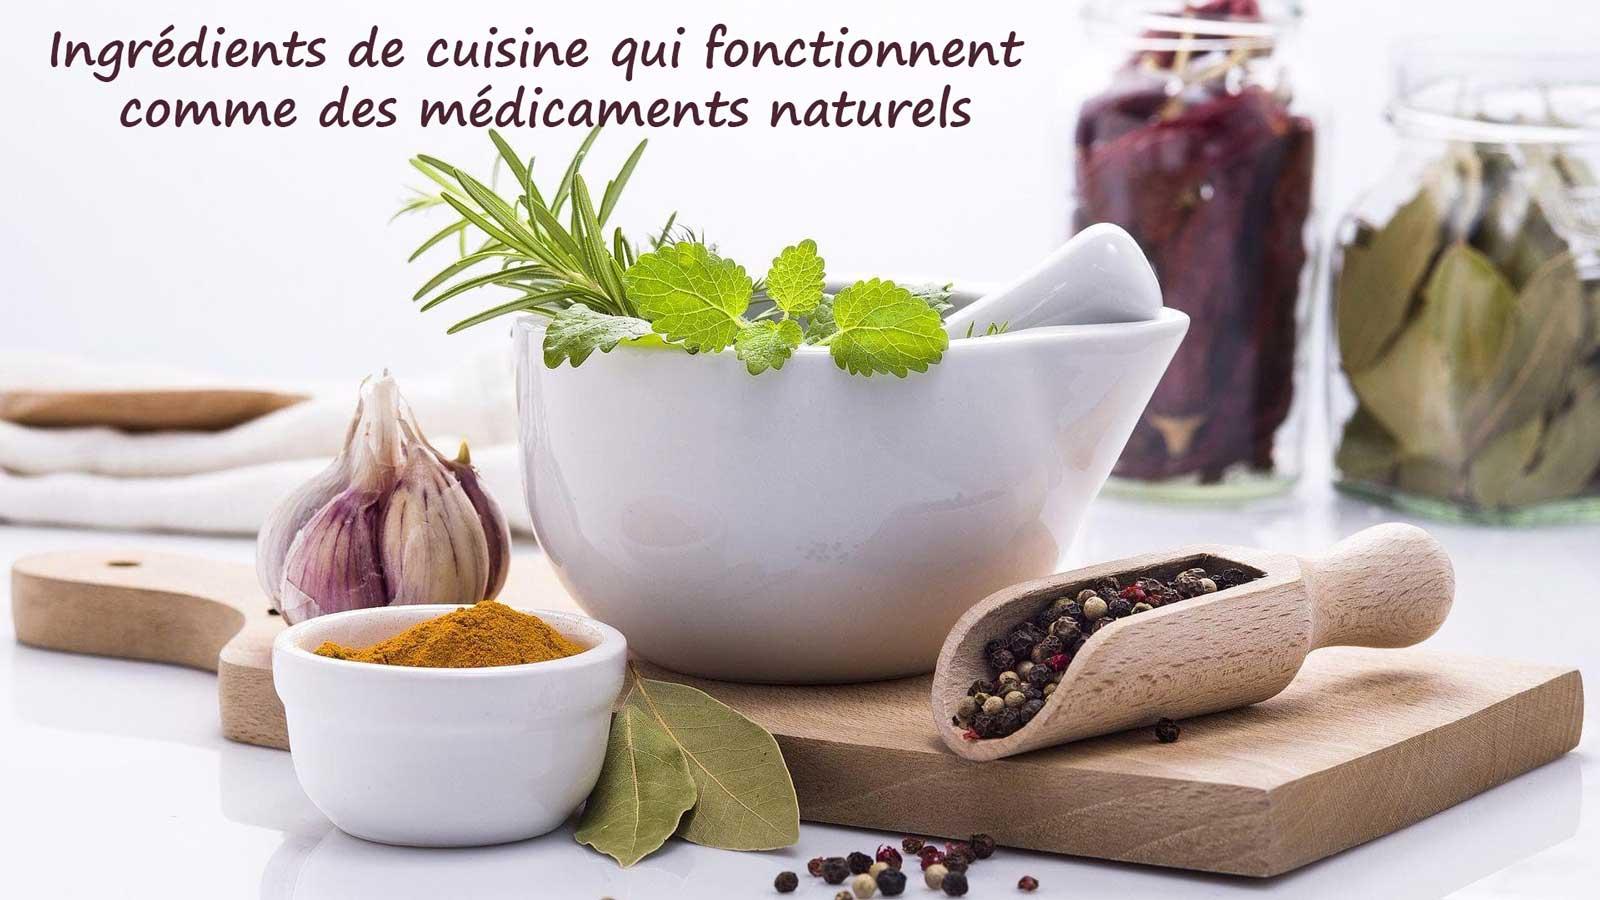 Ingrédients de cuisine qui fonctionnent comme des médicaments naturels